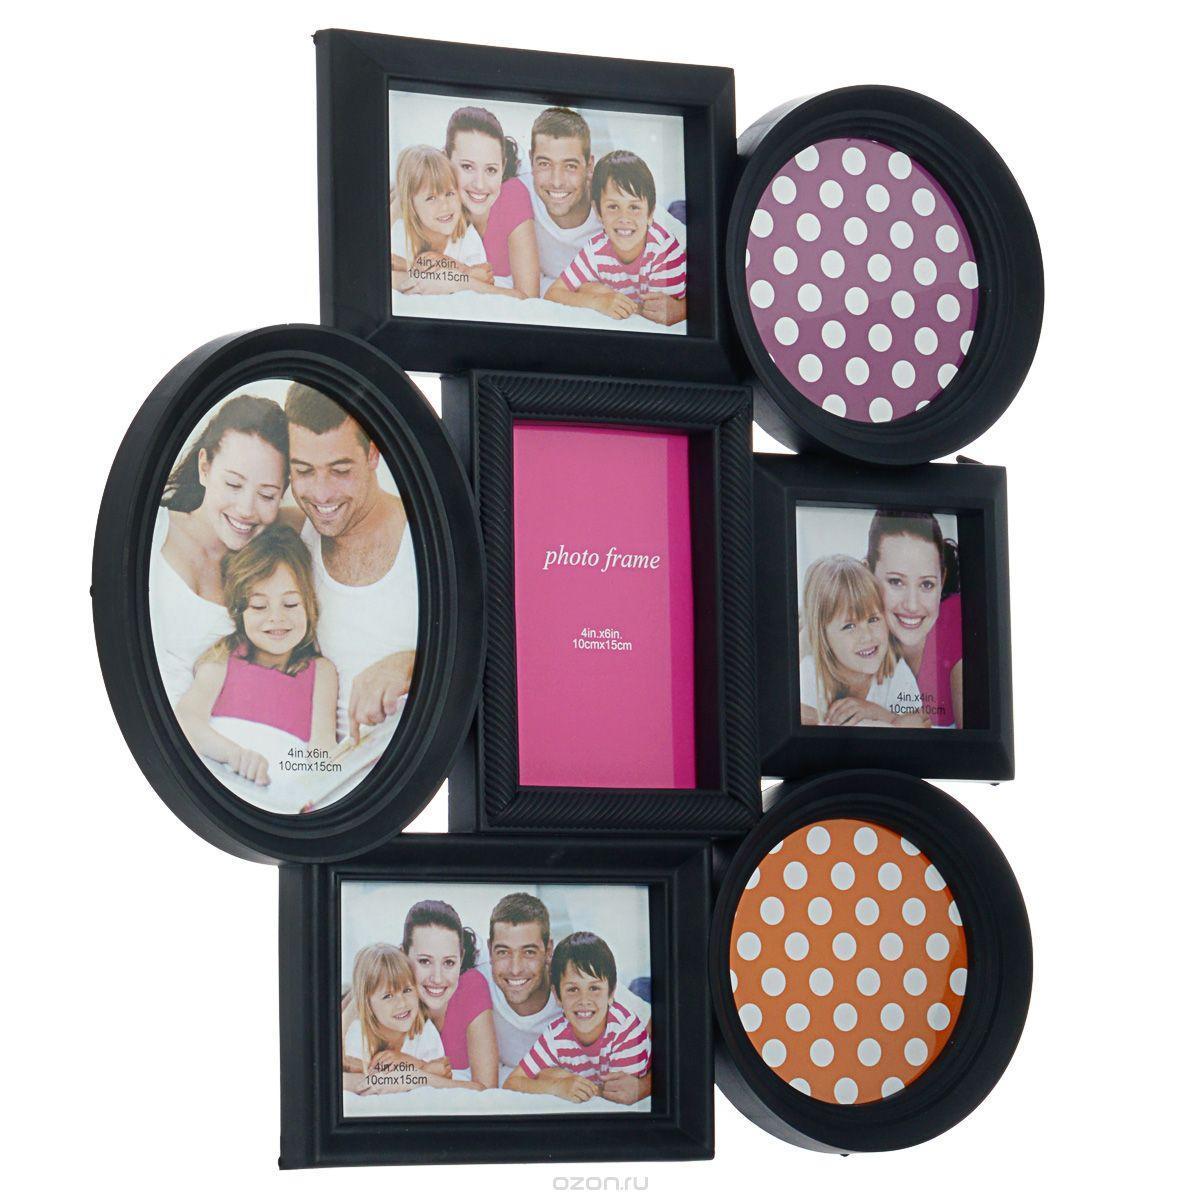 Фоторамка Image Art, цвет: черный, на 7 фото. 50553986895235055398689523Фоторамка-коллаж Image Art - прекрасный способ красиво оформить ваши фотографии. Изделие рассчитано на 7 фотографий. Фоторамка выполнена из высококачественного пластика. Фоторамку можно подвесить на стену, для чего с задней стороны предусмотрены специальные отверстия. Такая фоторамка поможет сохранить на память самые яркие моменты вашей жизни, а стильный дизайн сделает ее прекрасным дополнением интерьера.Размер фотографий: 10 см х 15 см; 10 см х 15 см; 10 см х 15 см; 10 см х 15 см; 10 см х 10 см; 13 см х 13 см; 13 см х 13 см.